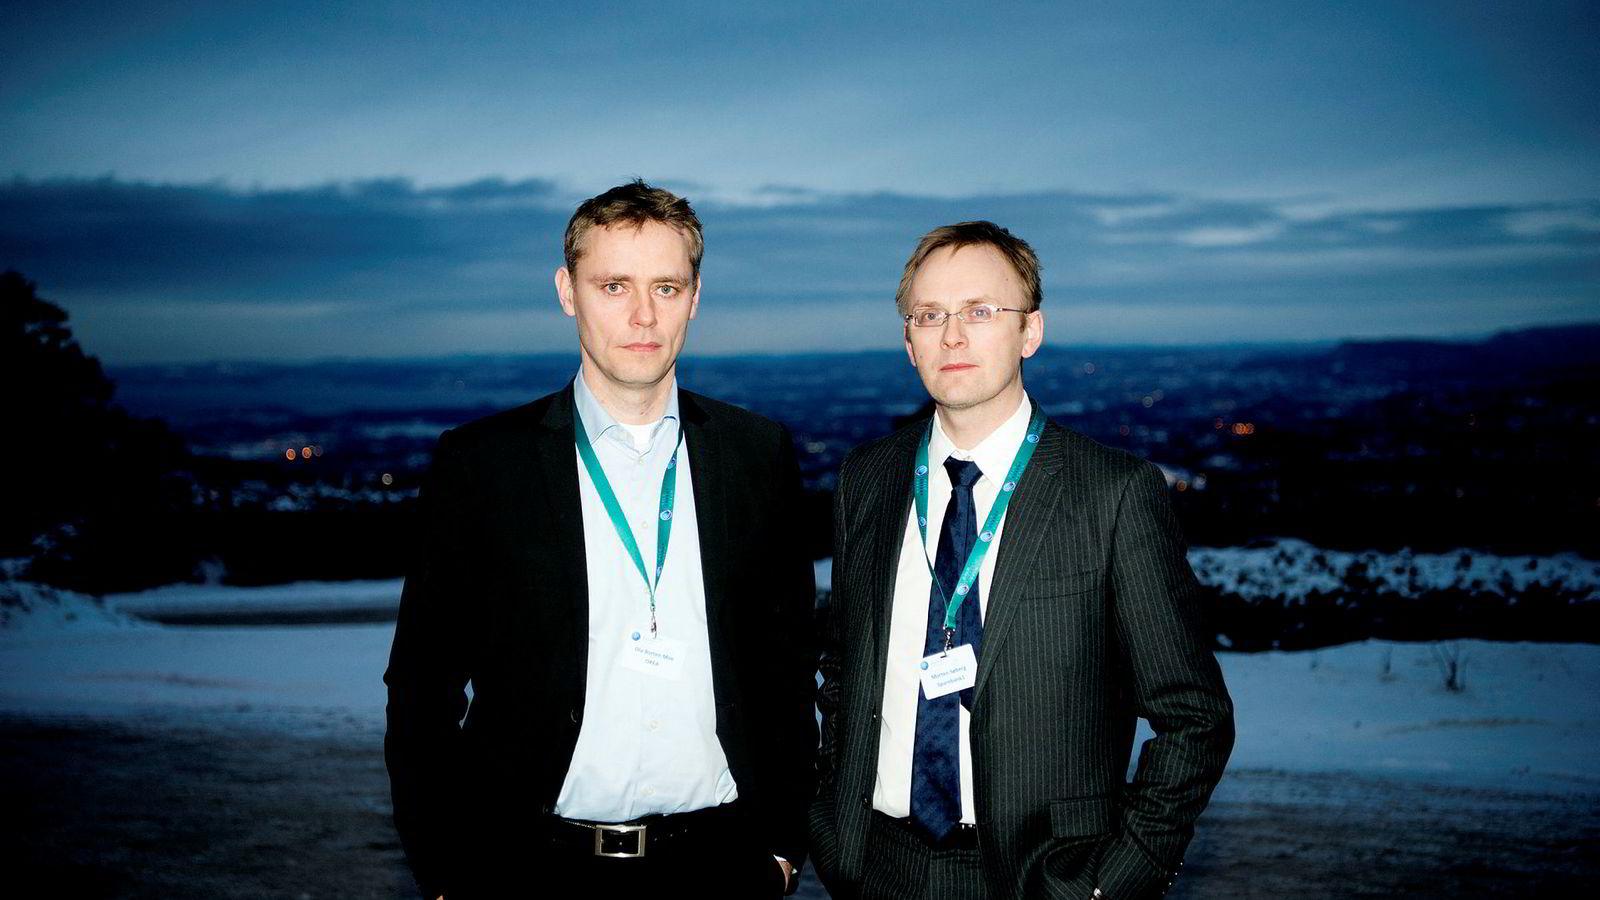 Ola Borten Moe i Okea (til venstre) og Morten Søberg i Sparebank 1.